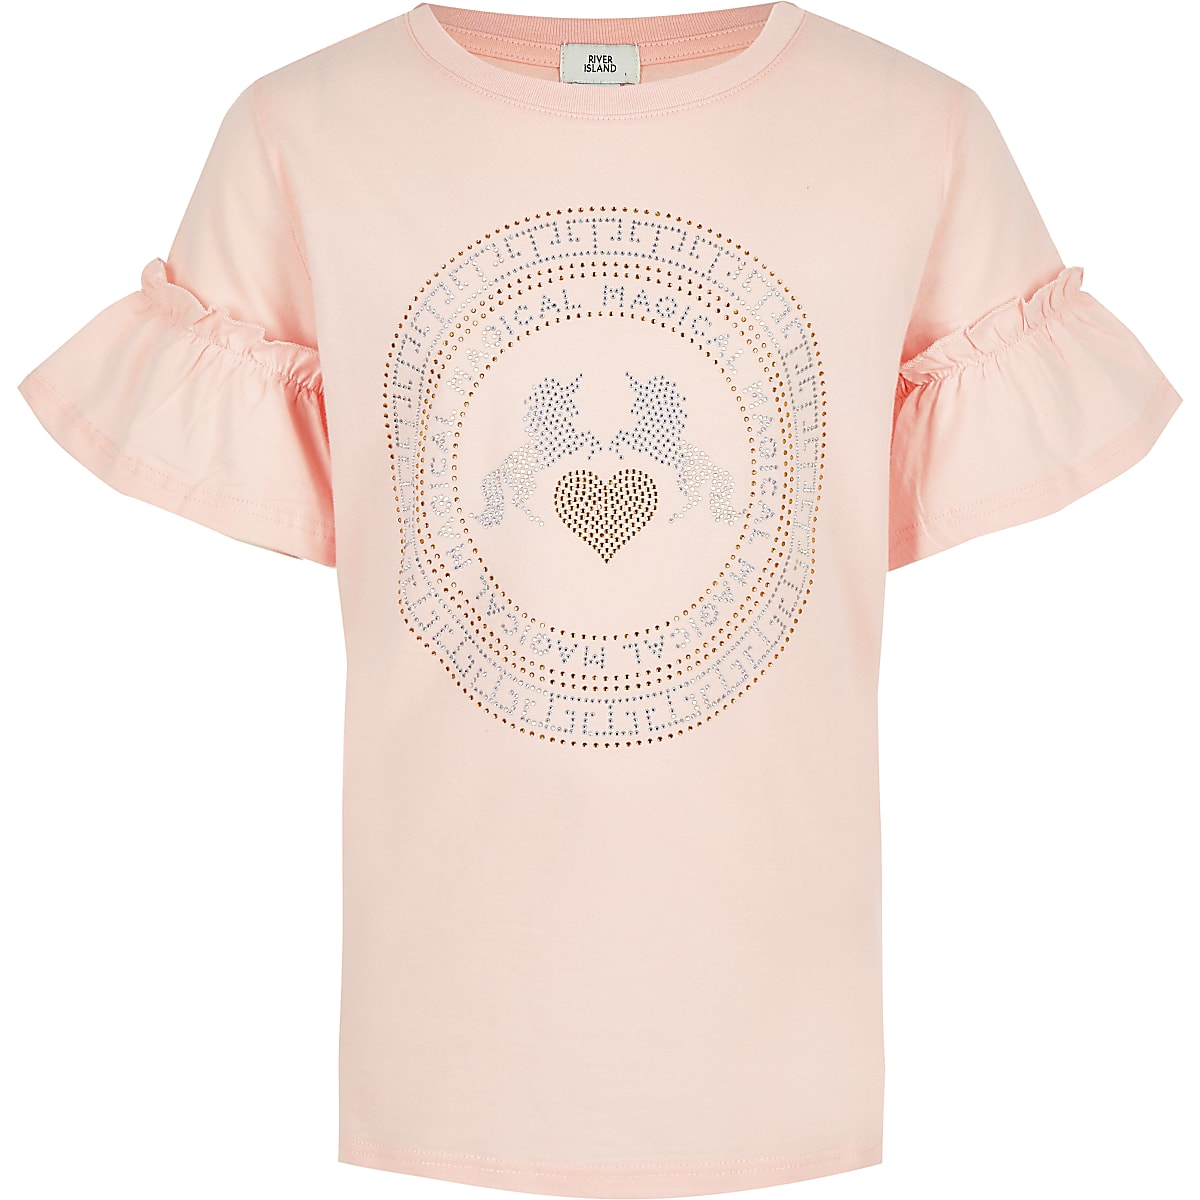 Girls pink rhinestone unicorn T-shirt